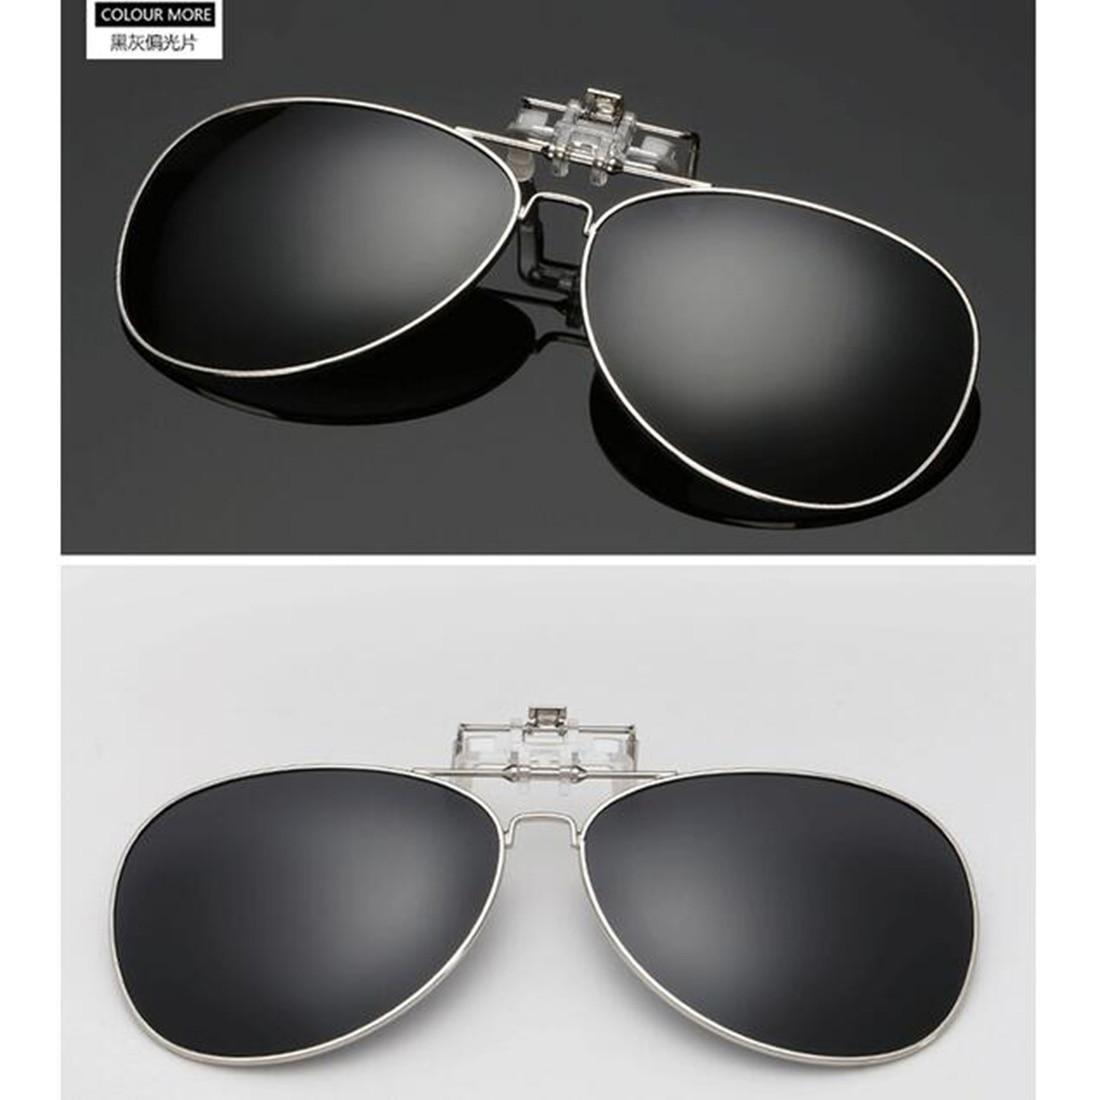 Hommes femmes Clip polarisé sur lunettes de soleil pêche nuit Anti UV conduite cyclisme équitation pêche lunettes de soleil Clips